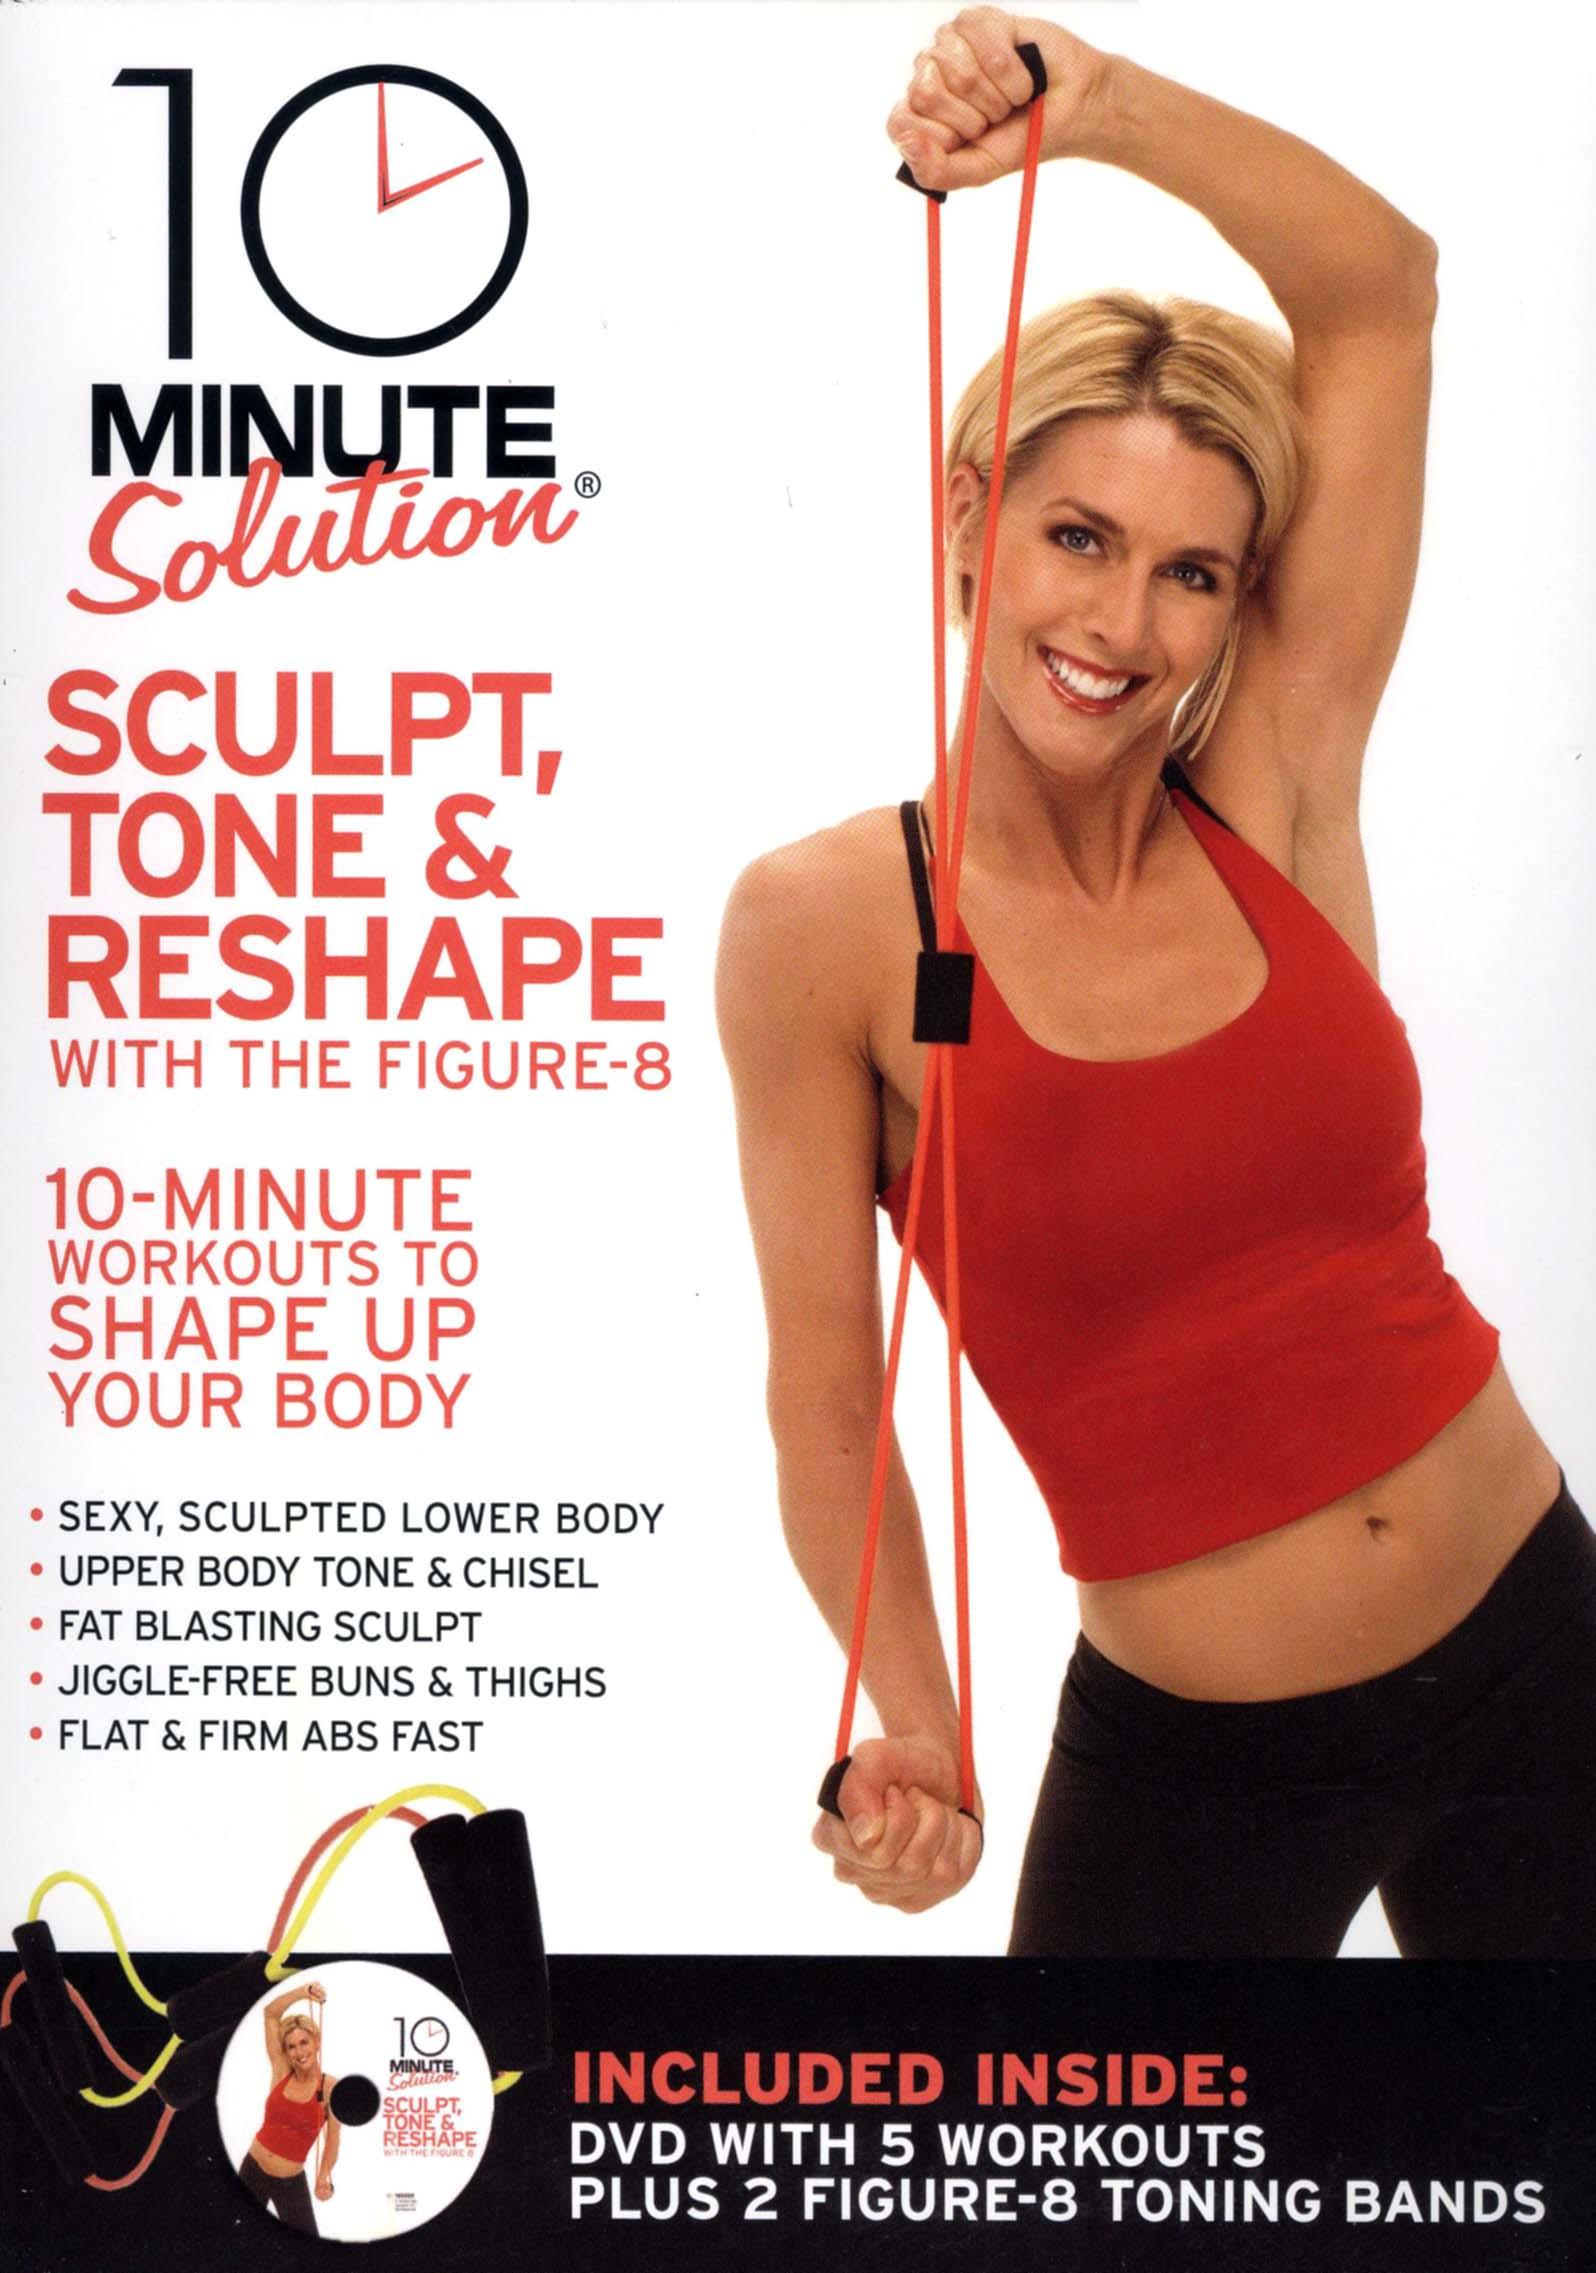 10 Minute Solution: Sculpt, Tone & Reshape